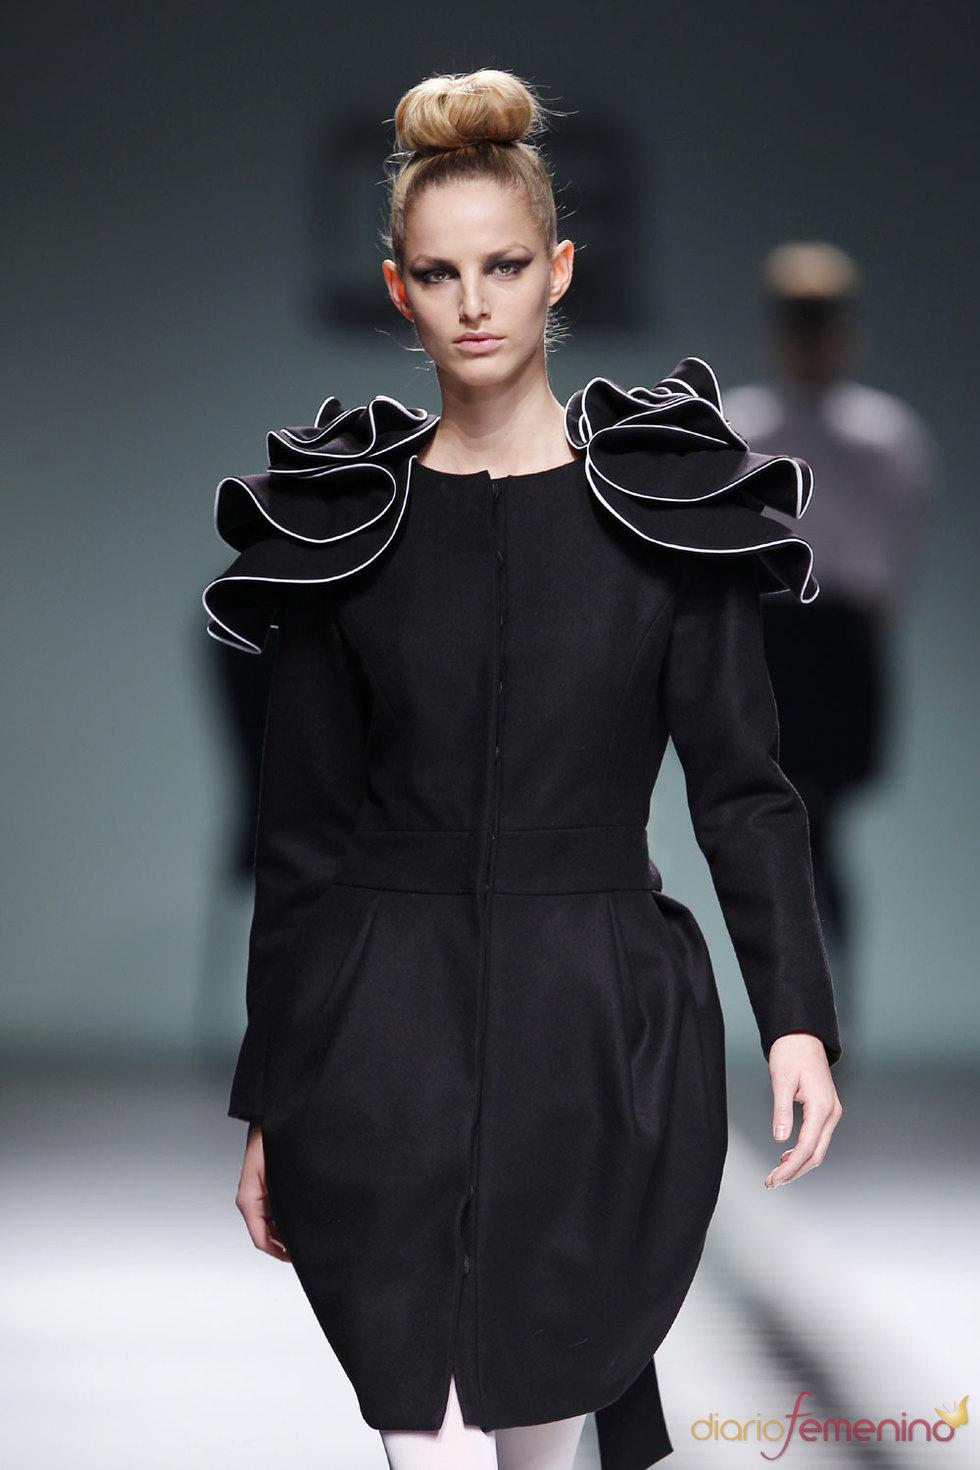 Mujeres muñecas de porcelona - María Barros en Cibeles Fashion Week